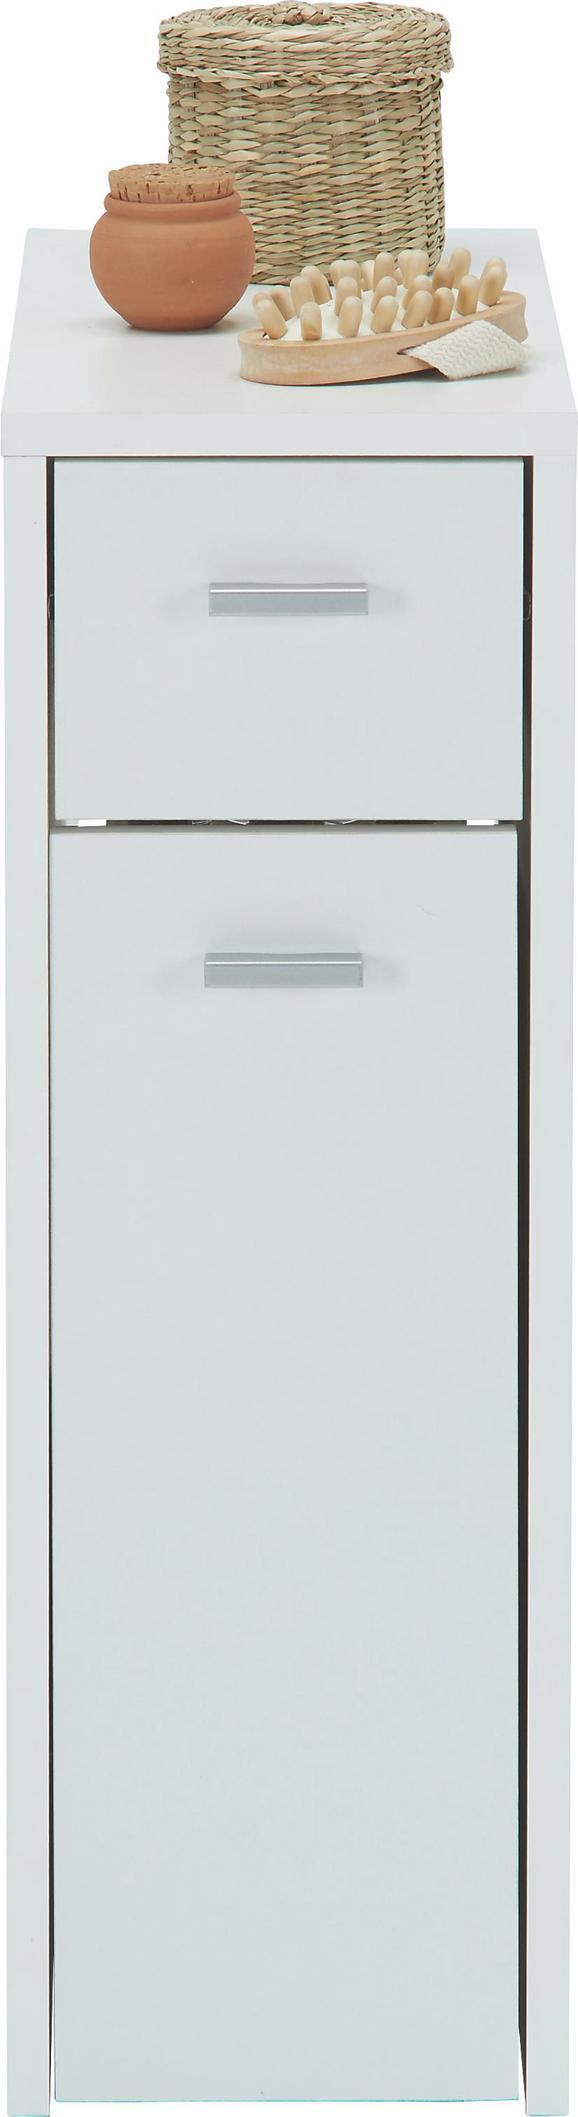 Unterschrank in Weiß - Silberfarben/Schwarz, Holzwerkstoff/Kunststoff (20,0/61,0/45,0cm) - MÖMAX modern living